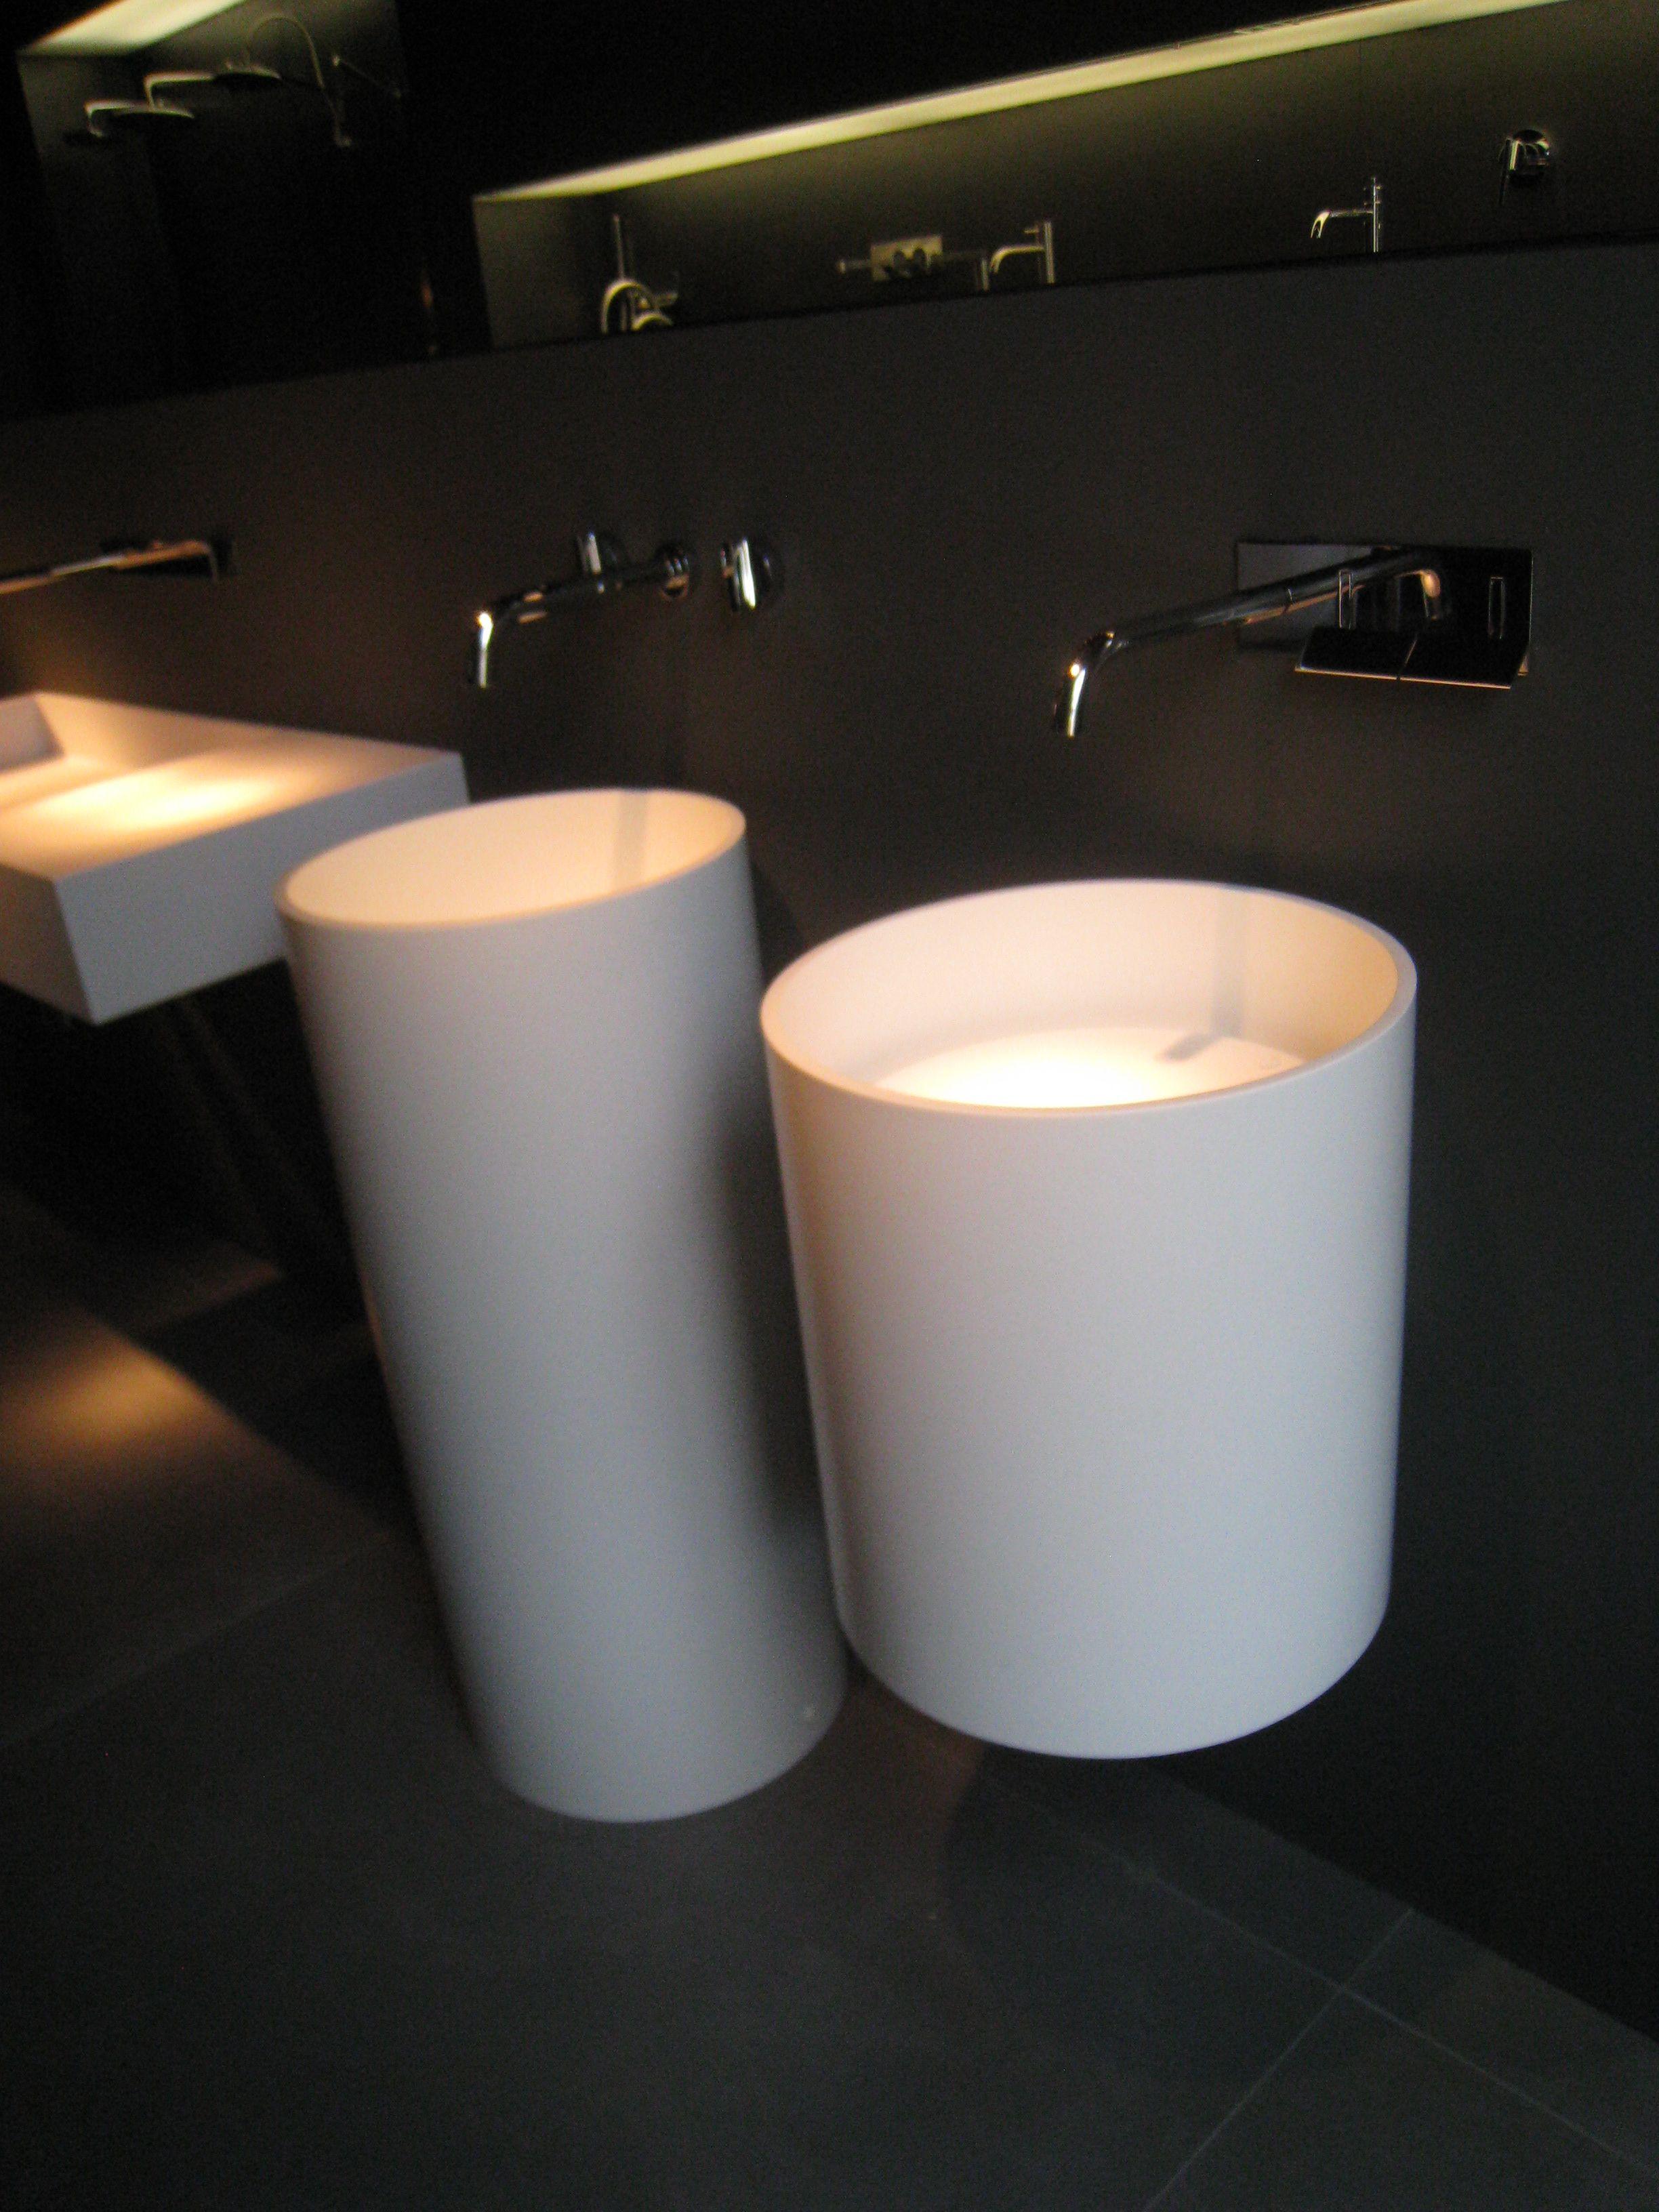 Cool Sinks : Cool Pedestal Sinks Interiors Pinterest